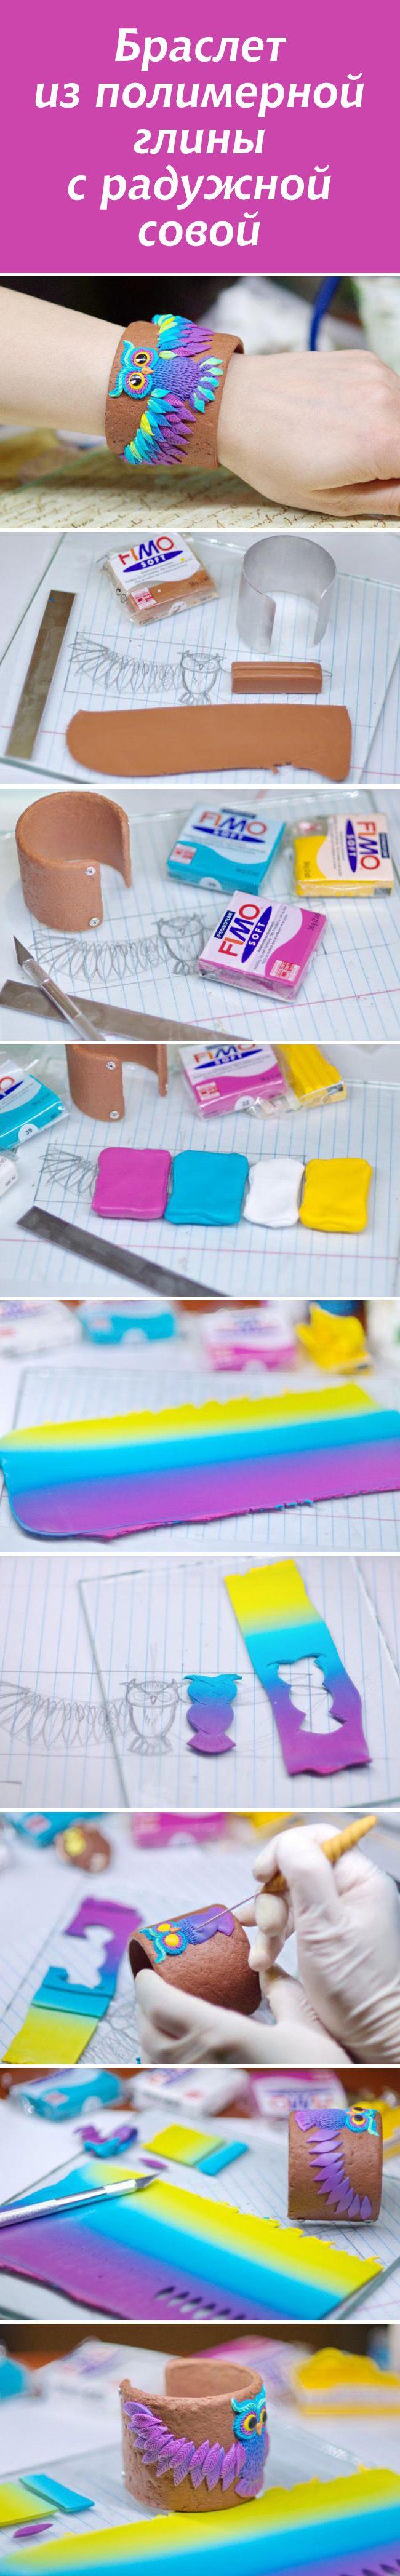 Делаем браслет из полимерной глины с радужной совой #diy #tutorial #owl #bracelet #polymerclay